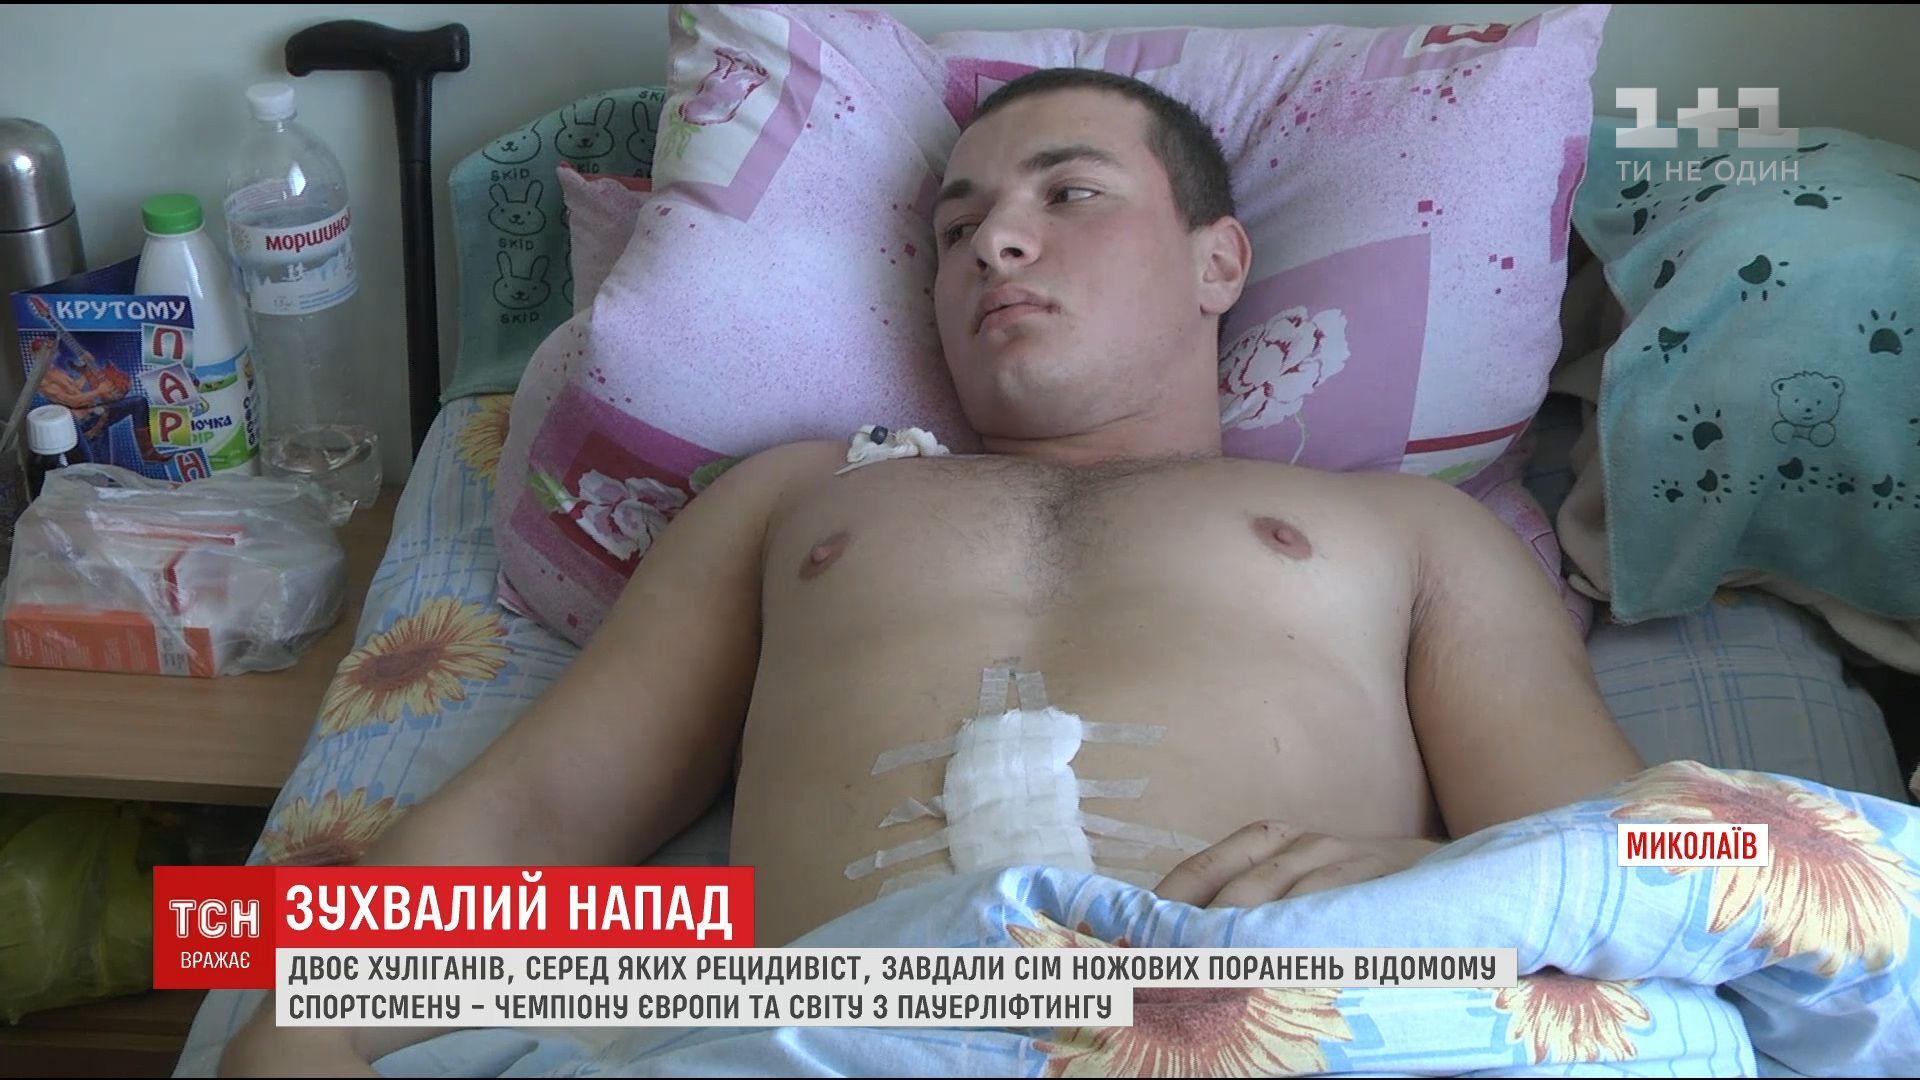 В Николаеве нанесли ножевые ранения чемпиону мира по пауэрлифтингу / скриншот